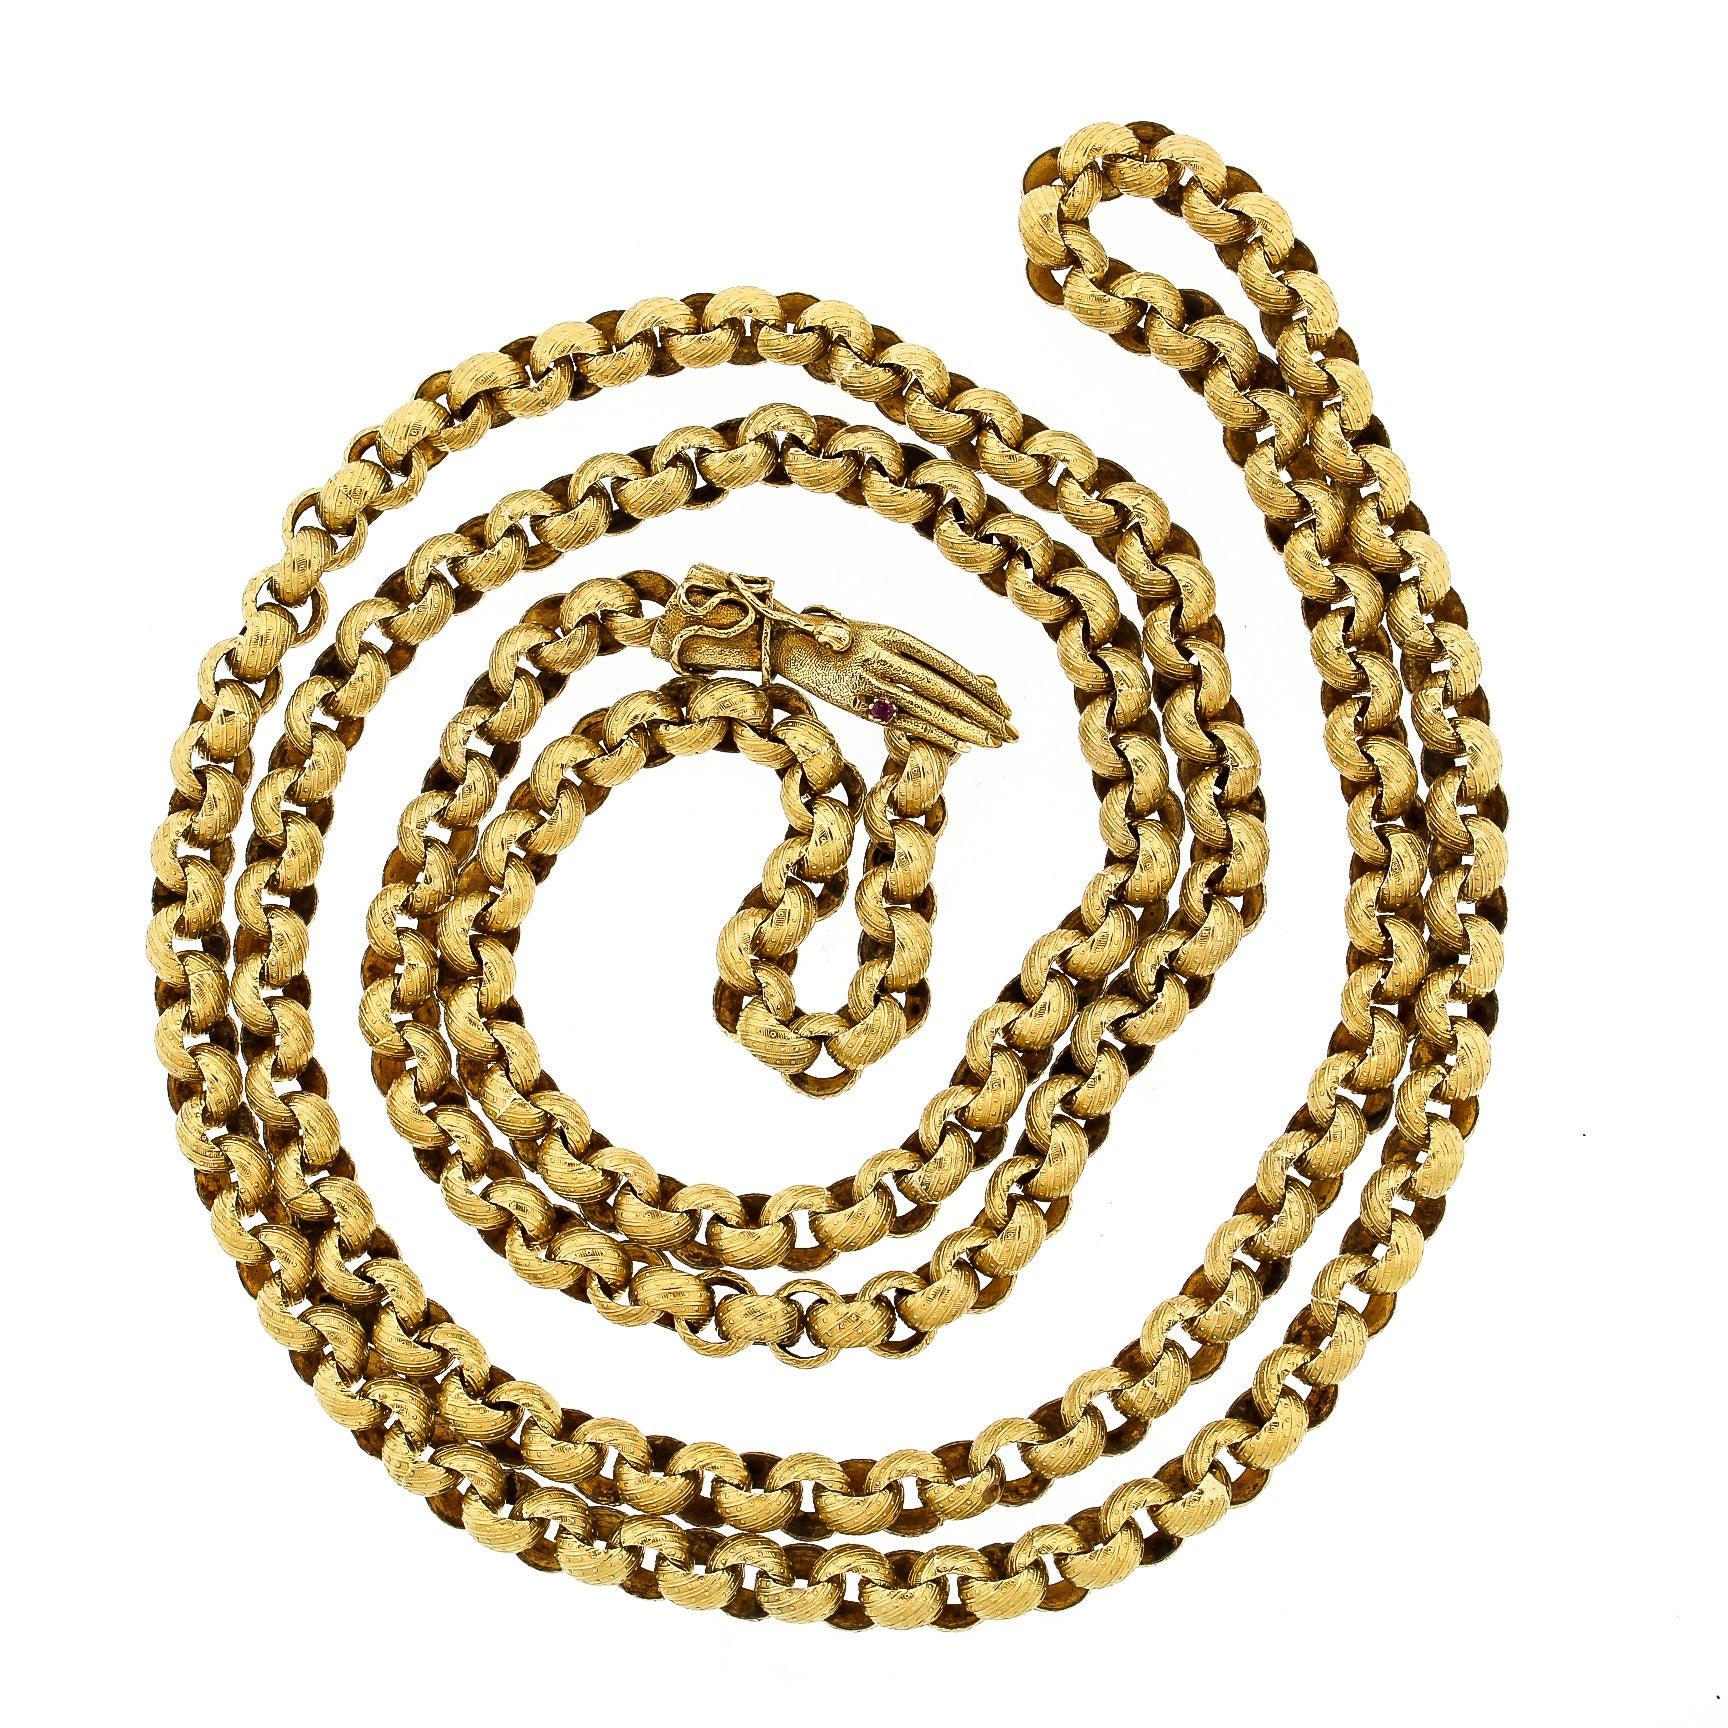 Antique Georgian 14 Karat Gold Long Muff Chain Necklace